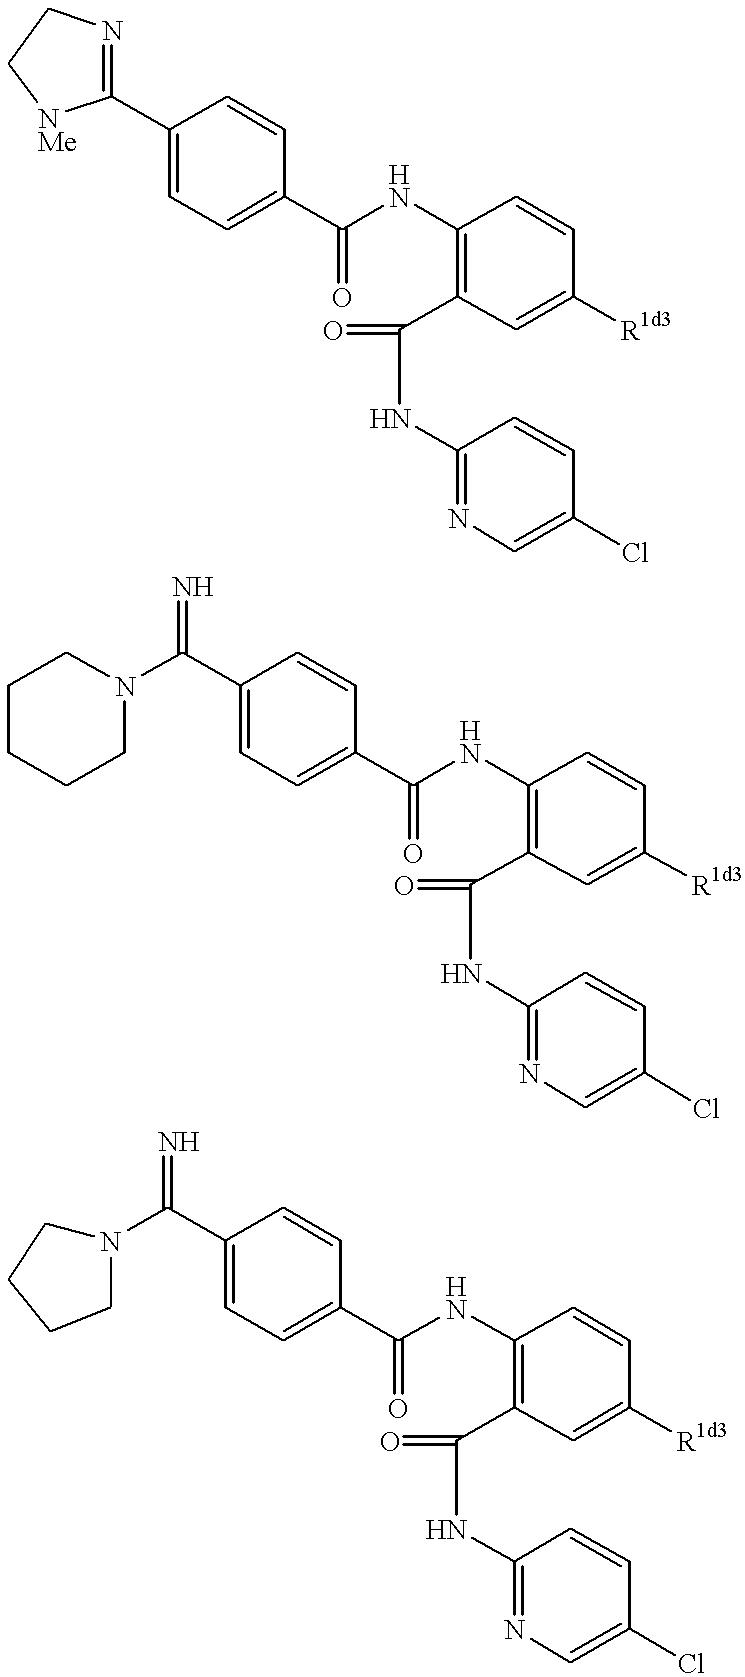 Figure US06376515-20020423-C00228